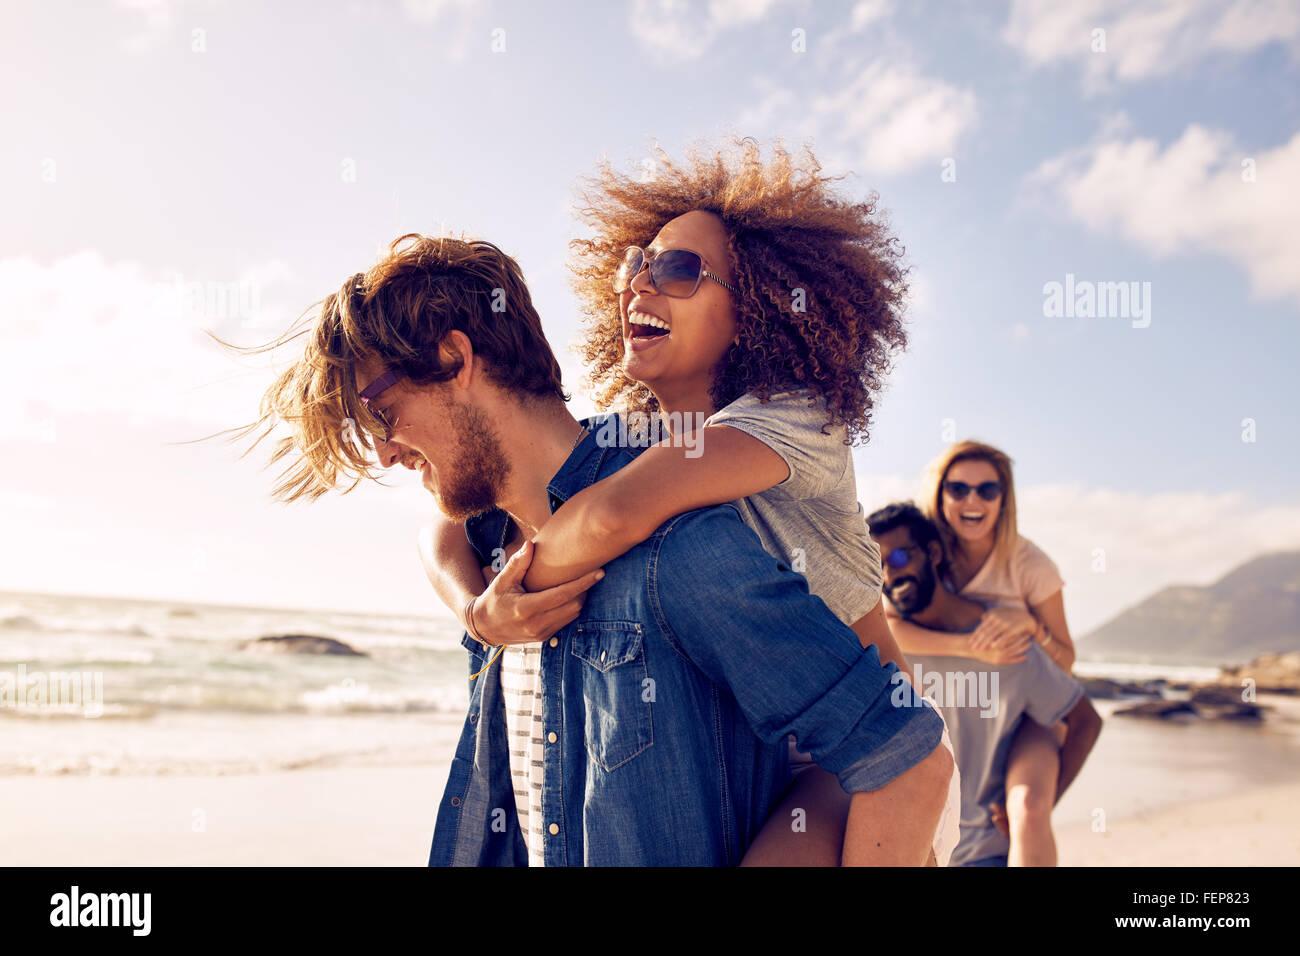 Groupe d'amis, marcher le long de la plage, avec des hommes en donnant piggyback ride à leur petite amie. Photo Stock